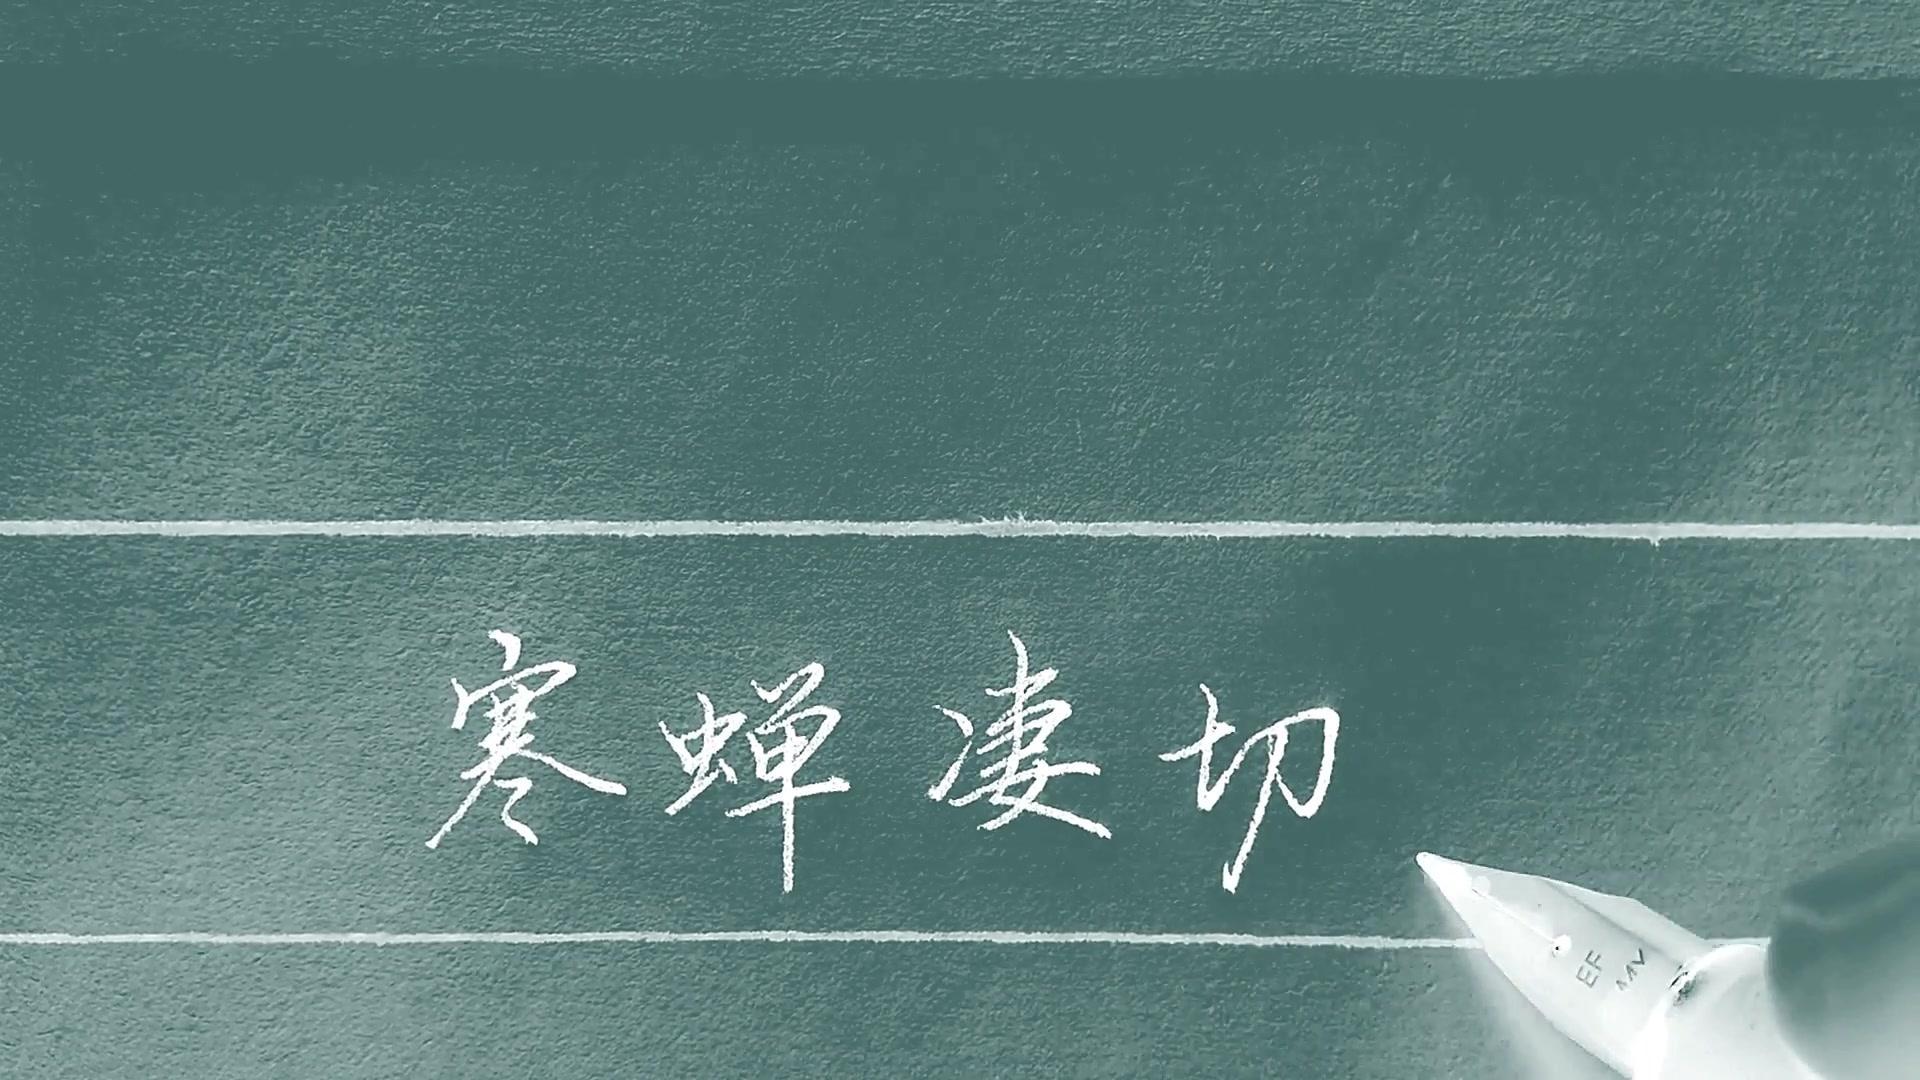 「学书法,涨知识」手写柳永词《雨霖铃》,这行楷风格你喜欢吗?